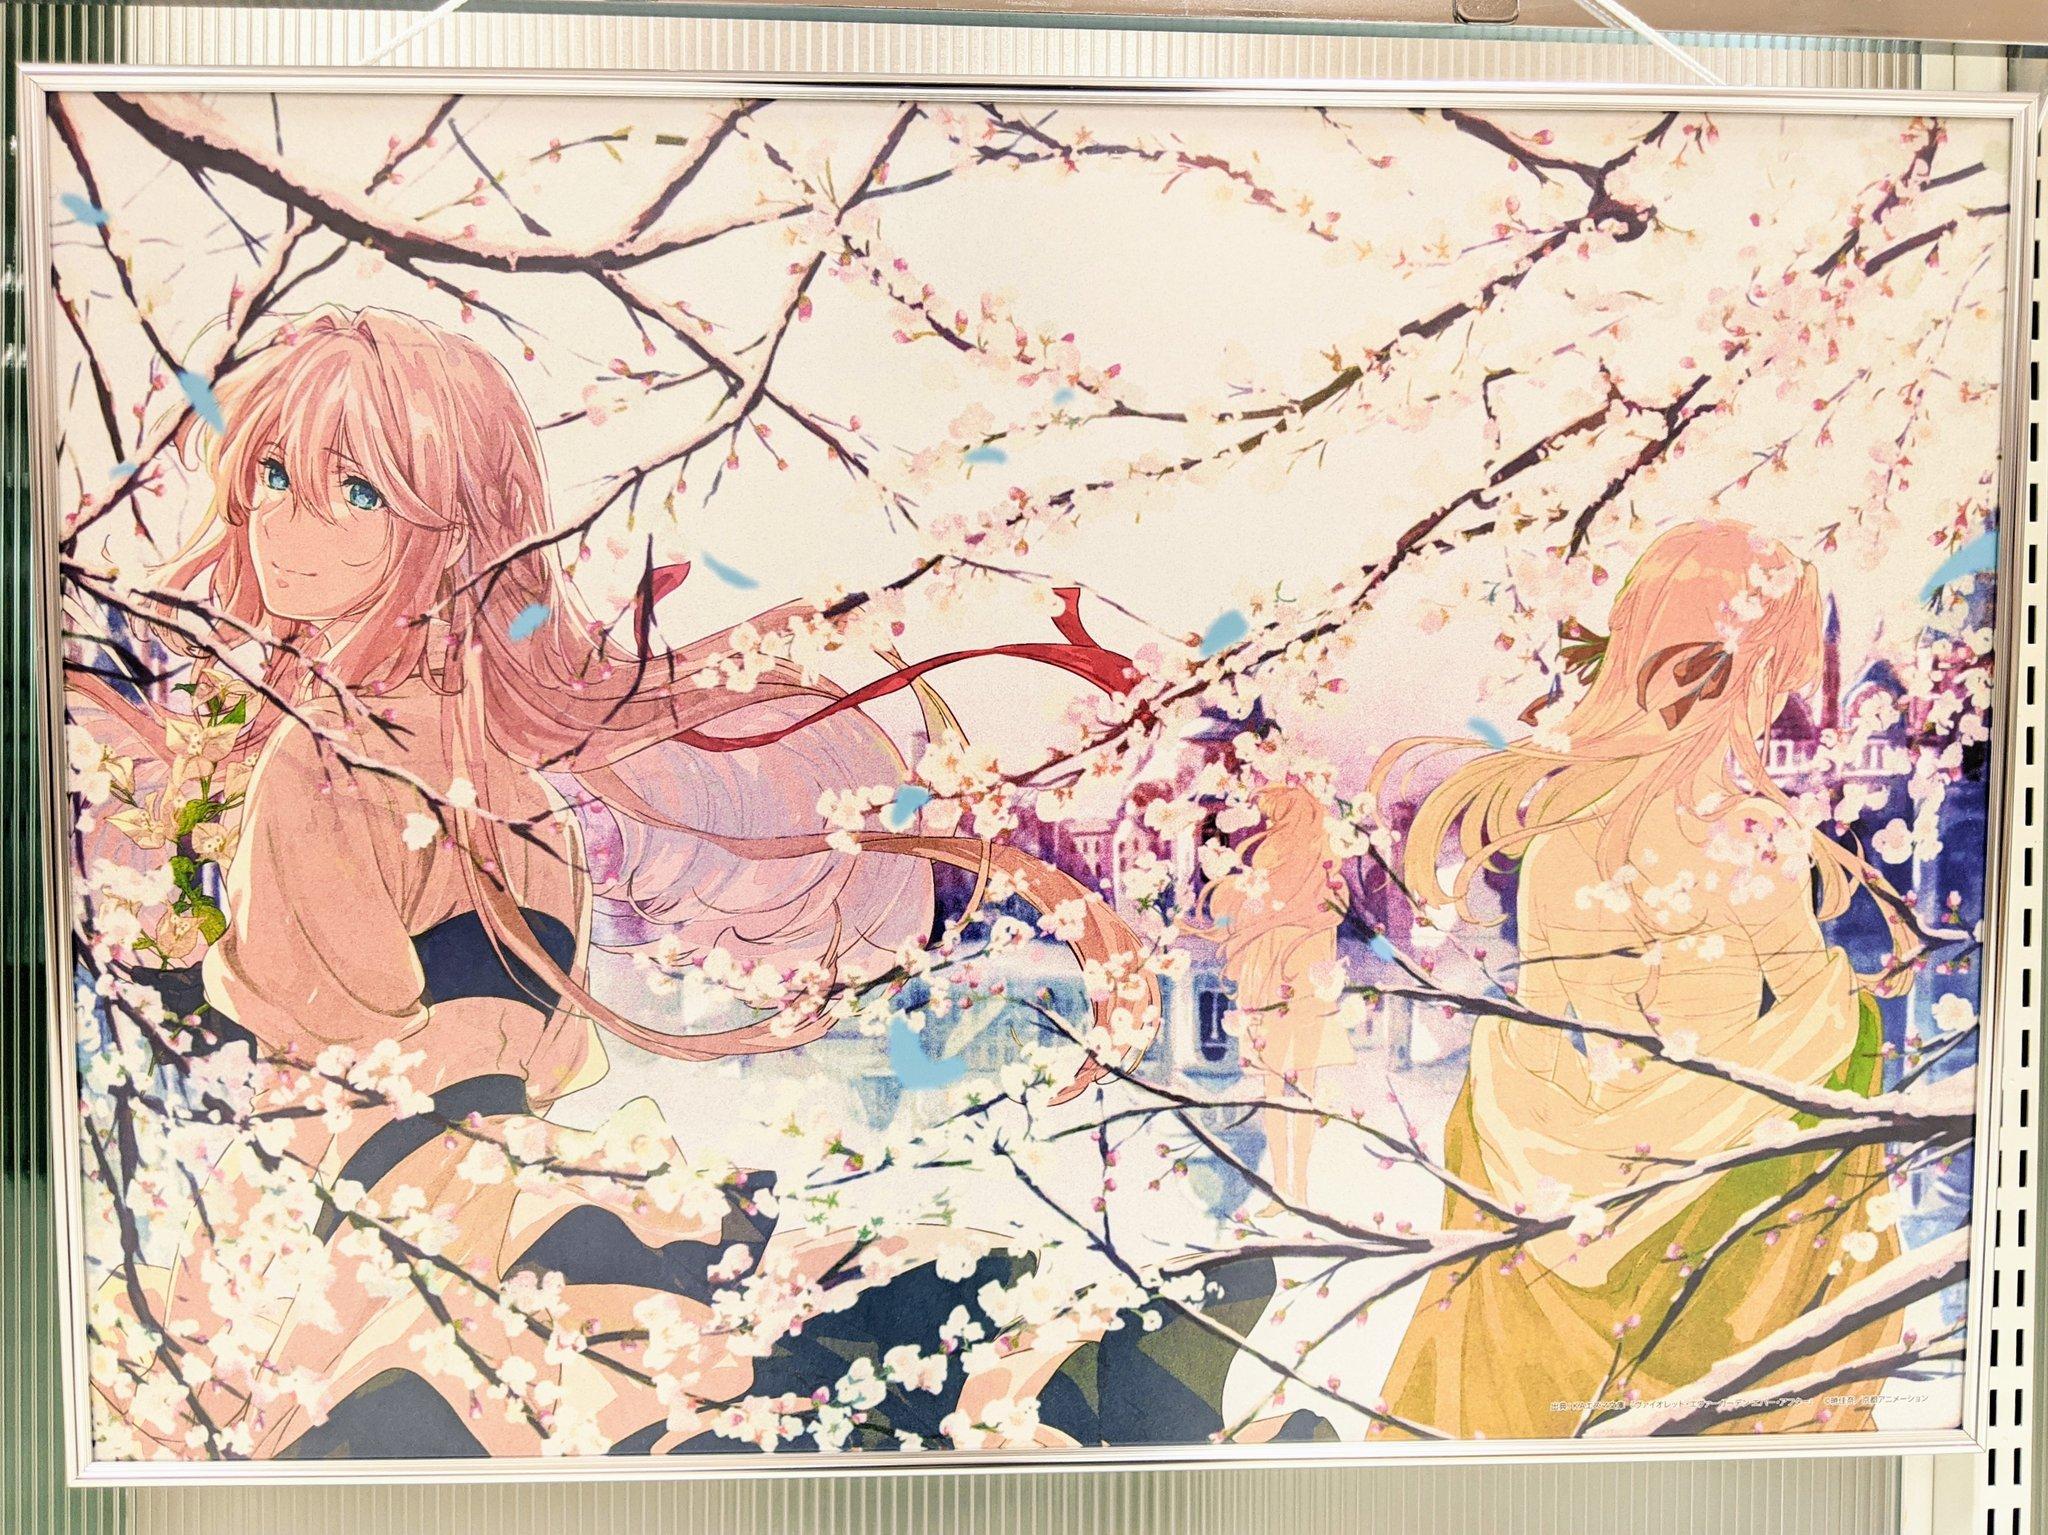 京アニ&アニメーションDo ファン感謝イベント「私たちは、いま!!」特別展